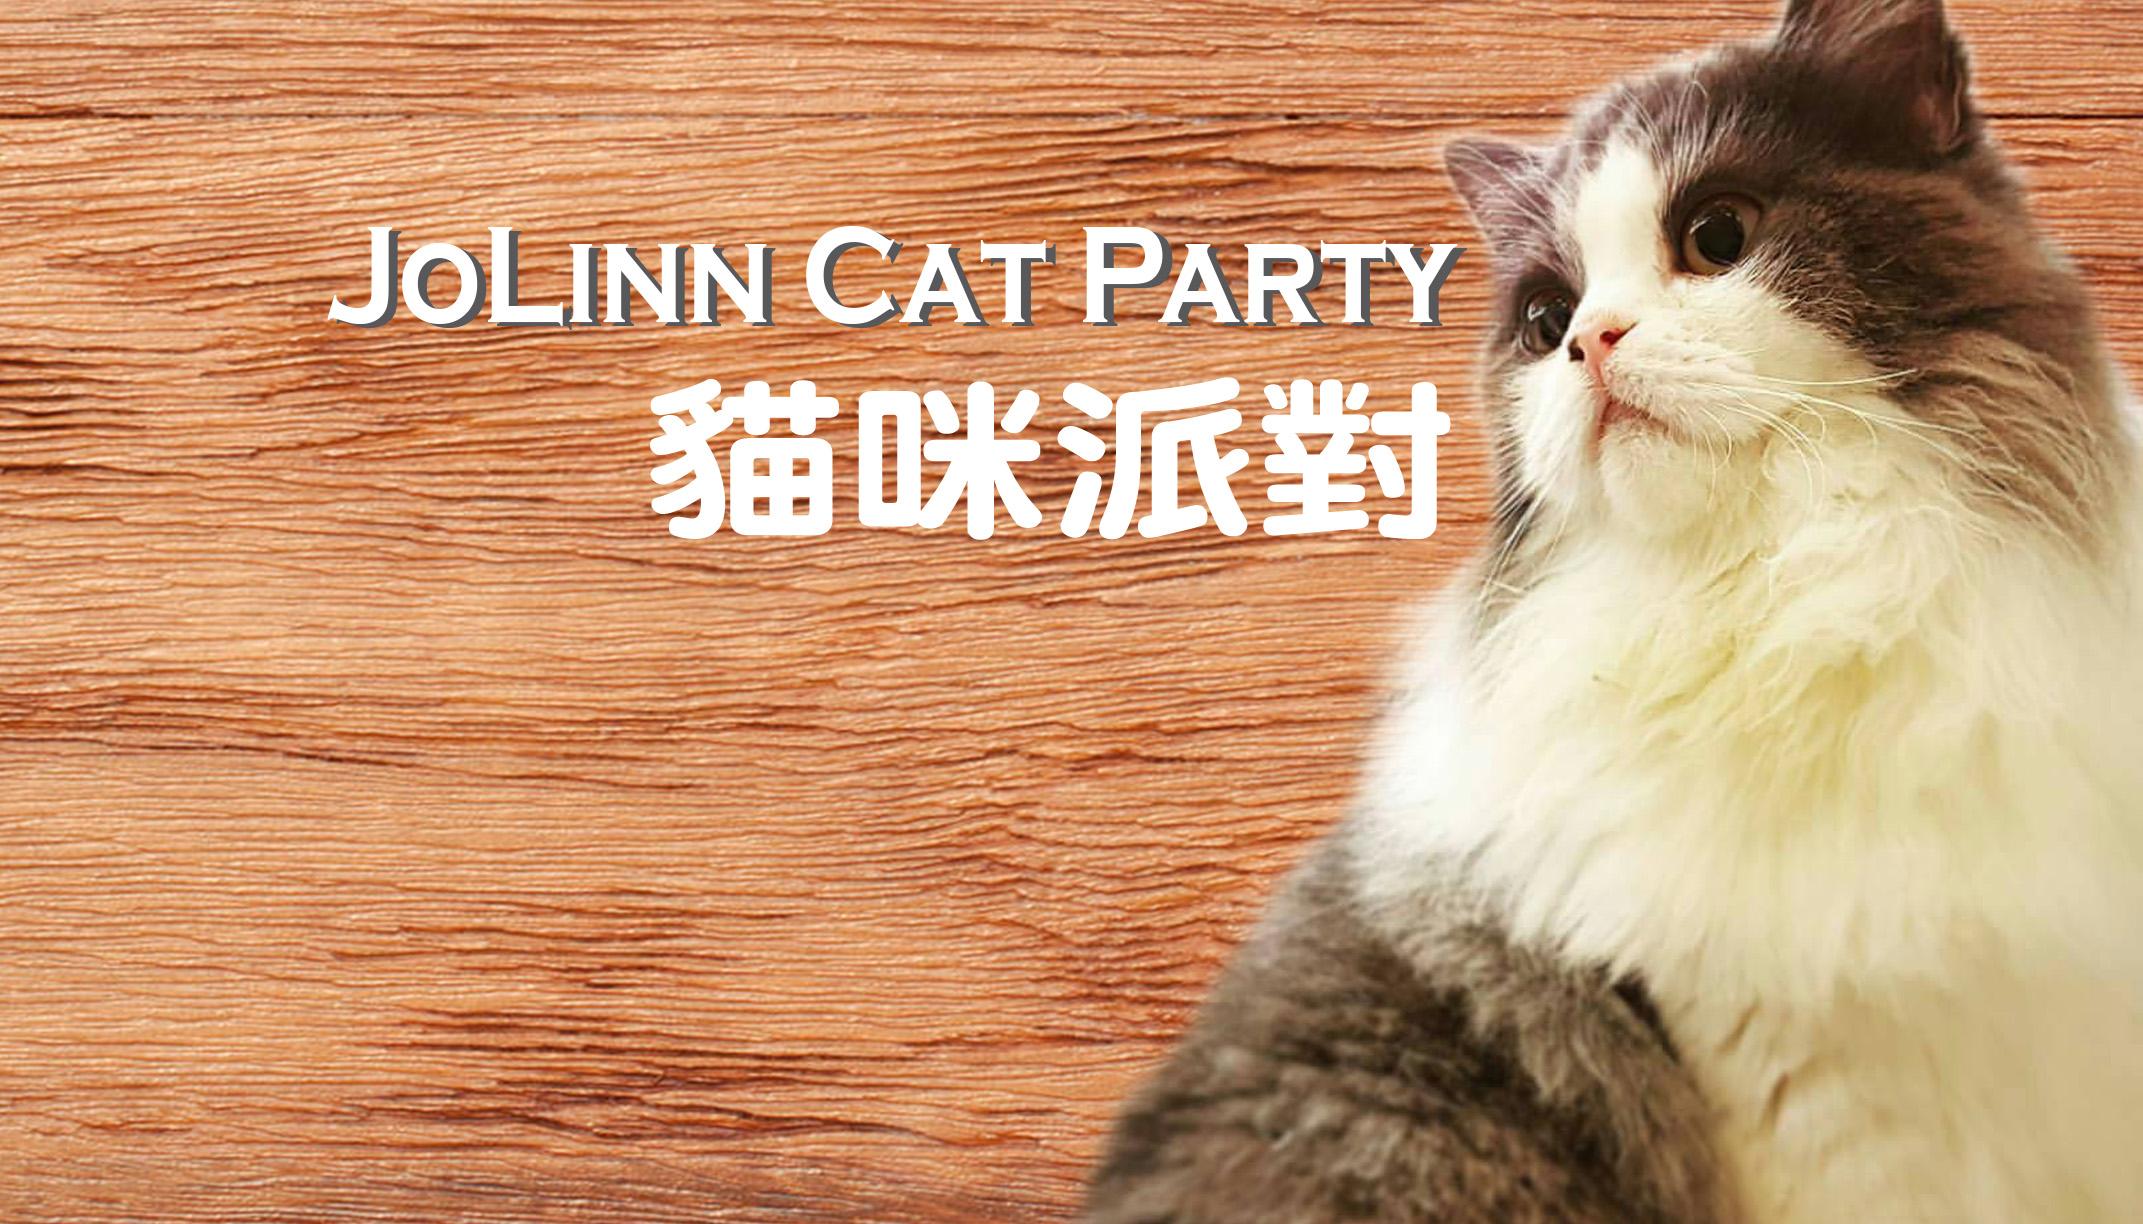 嚴選合法寵物店-貓咪派對